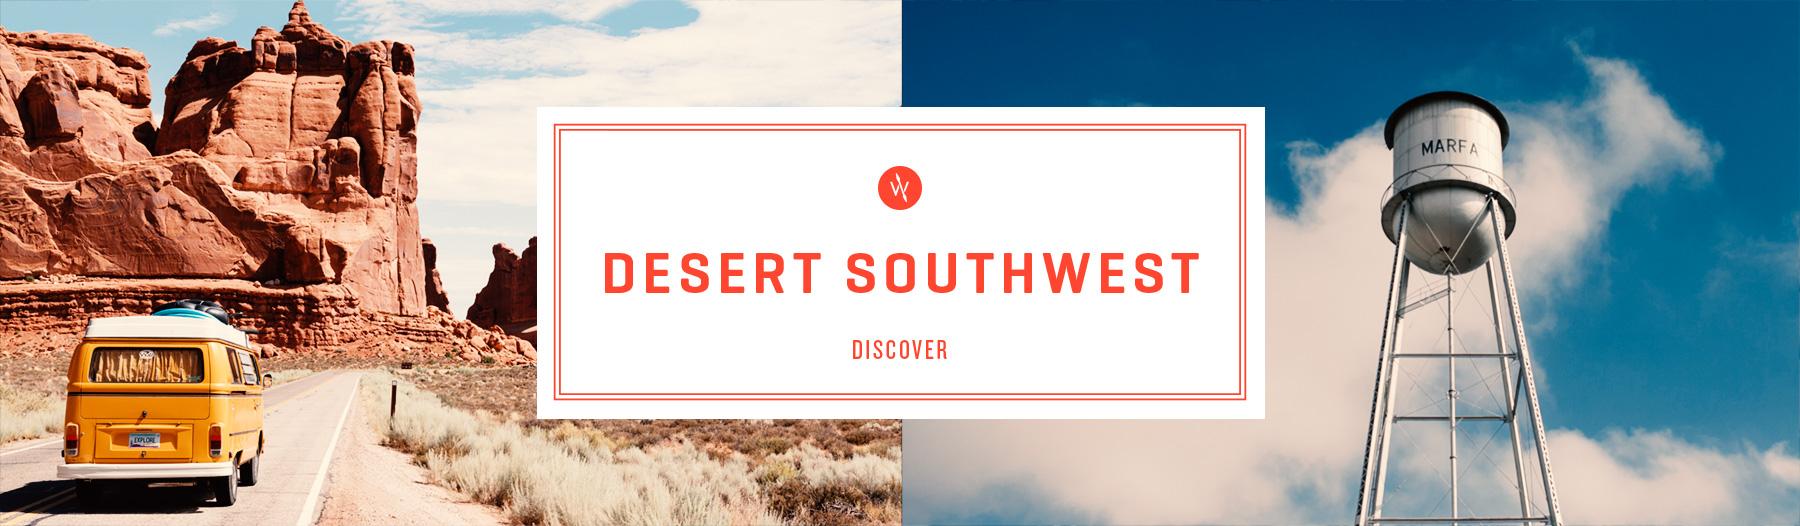 WILDSAM-Desert_Southwest-HEADER.jpg